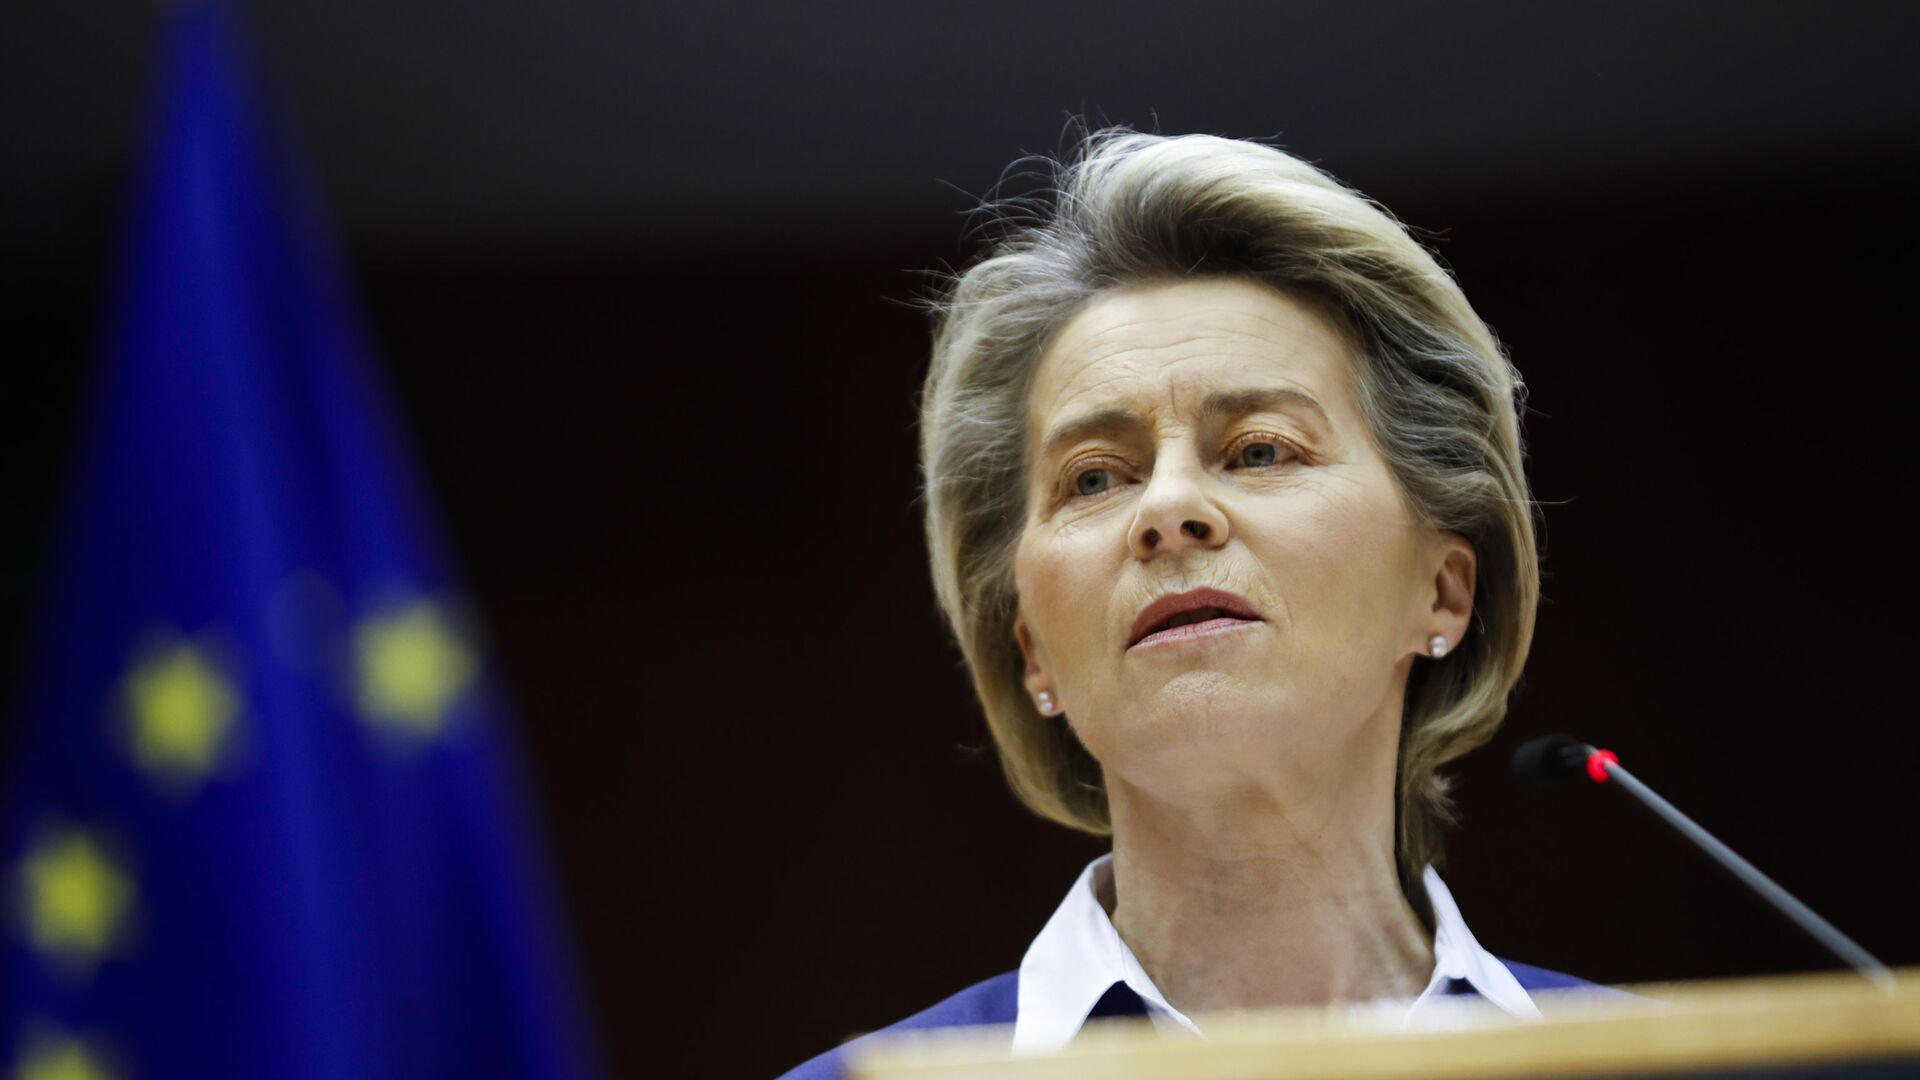 La presidente della Commissione Ursula von der Leyen - Sputnik Italia, 1920, 21.05.2021